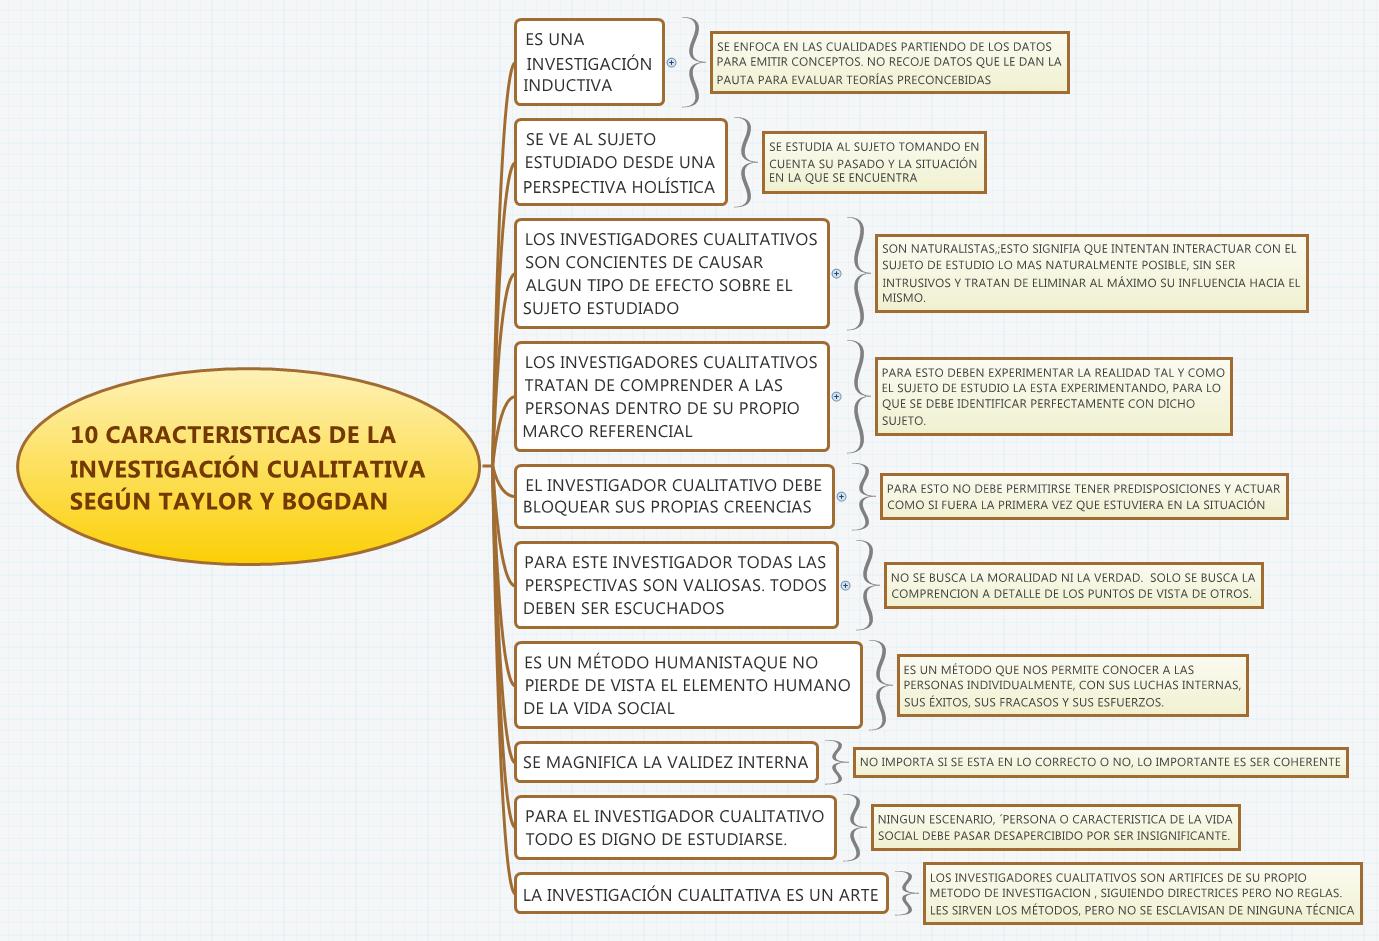 10 caracteristicas de la investigaci n cualitativa seg n for Que es la oficina y sus caracteristicas